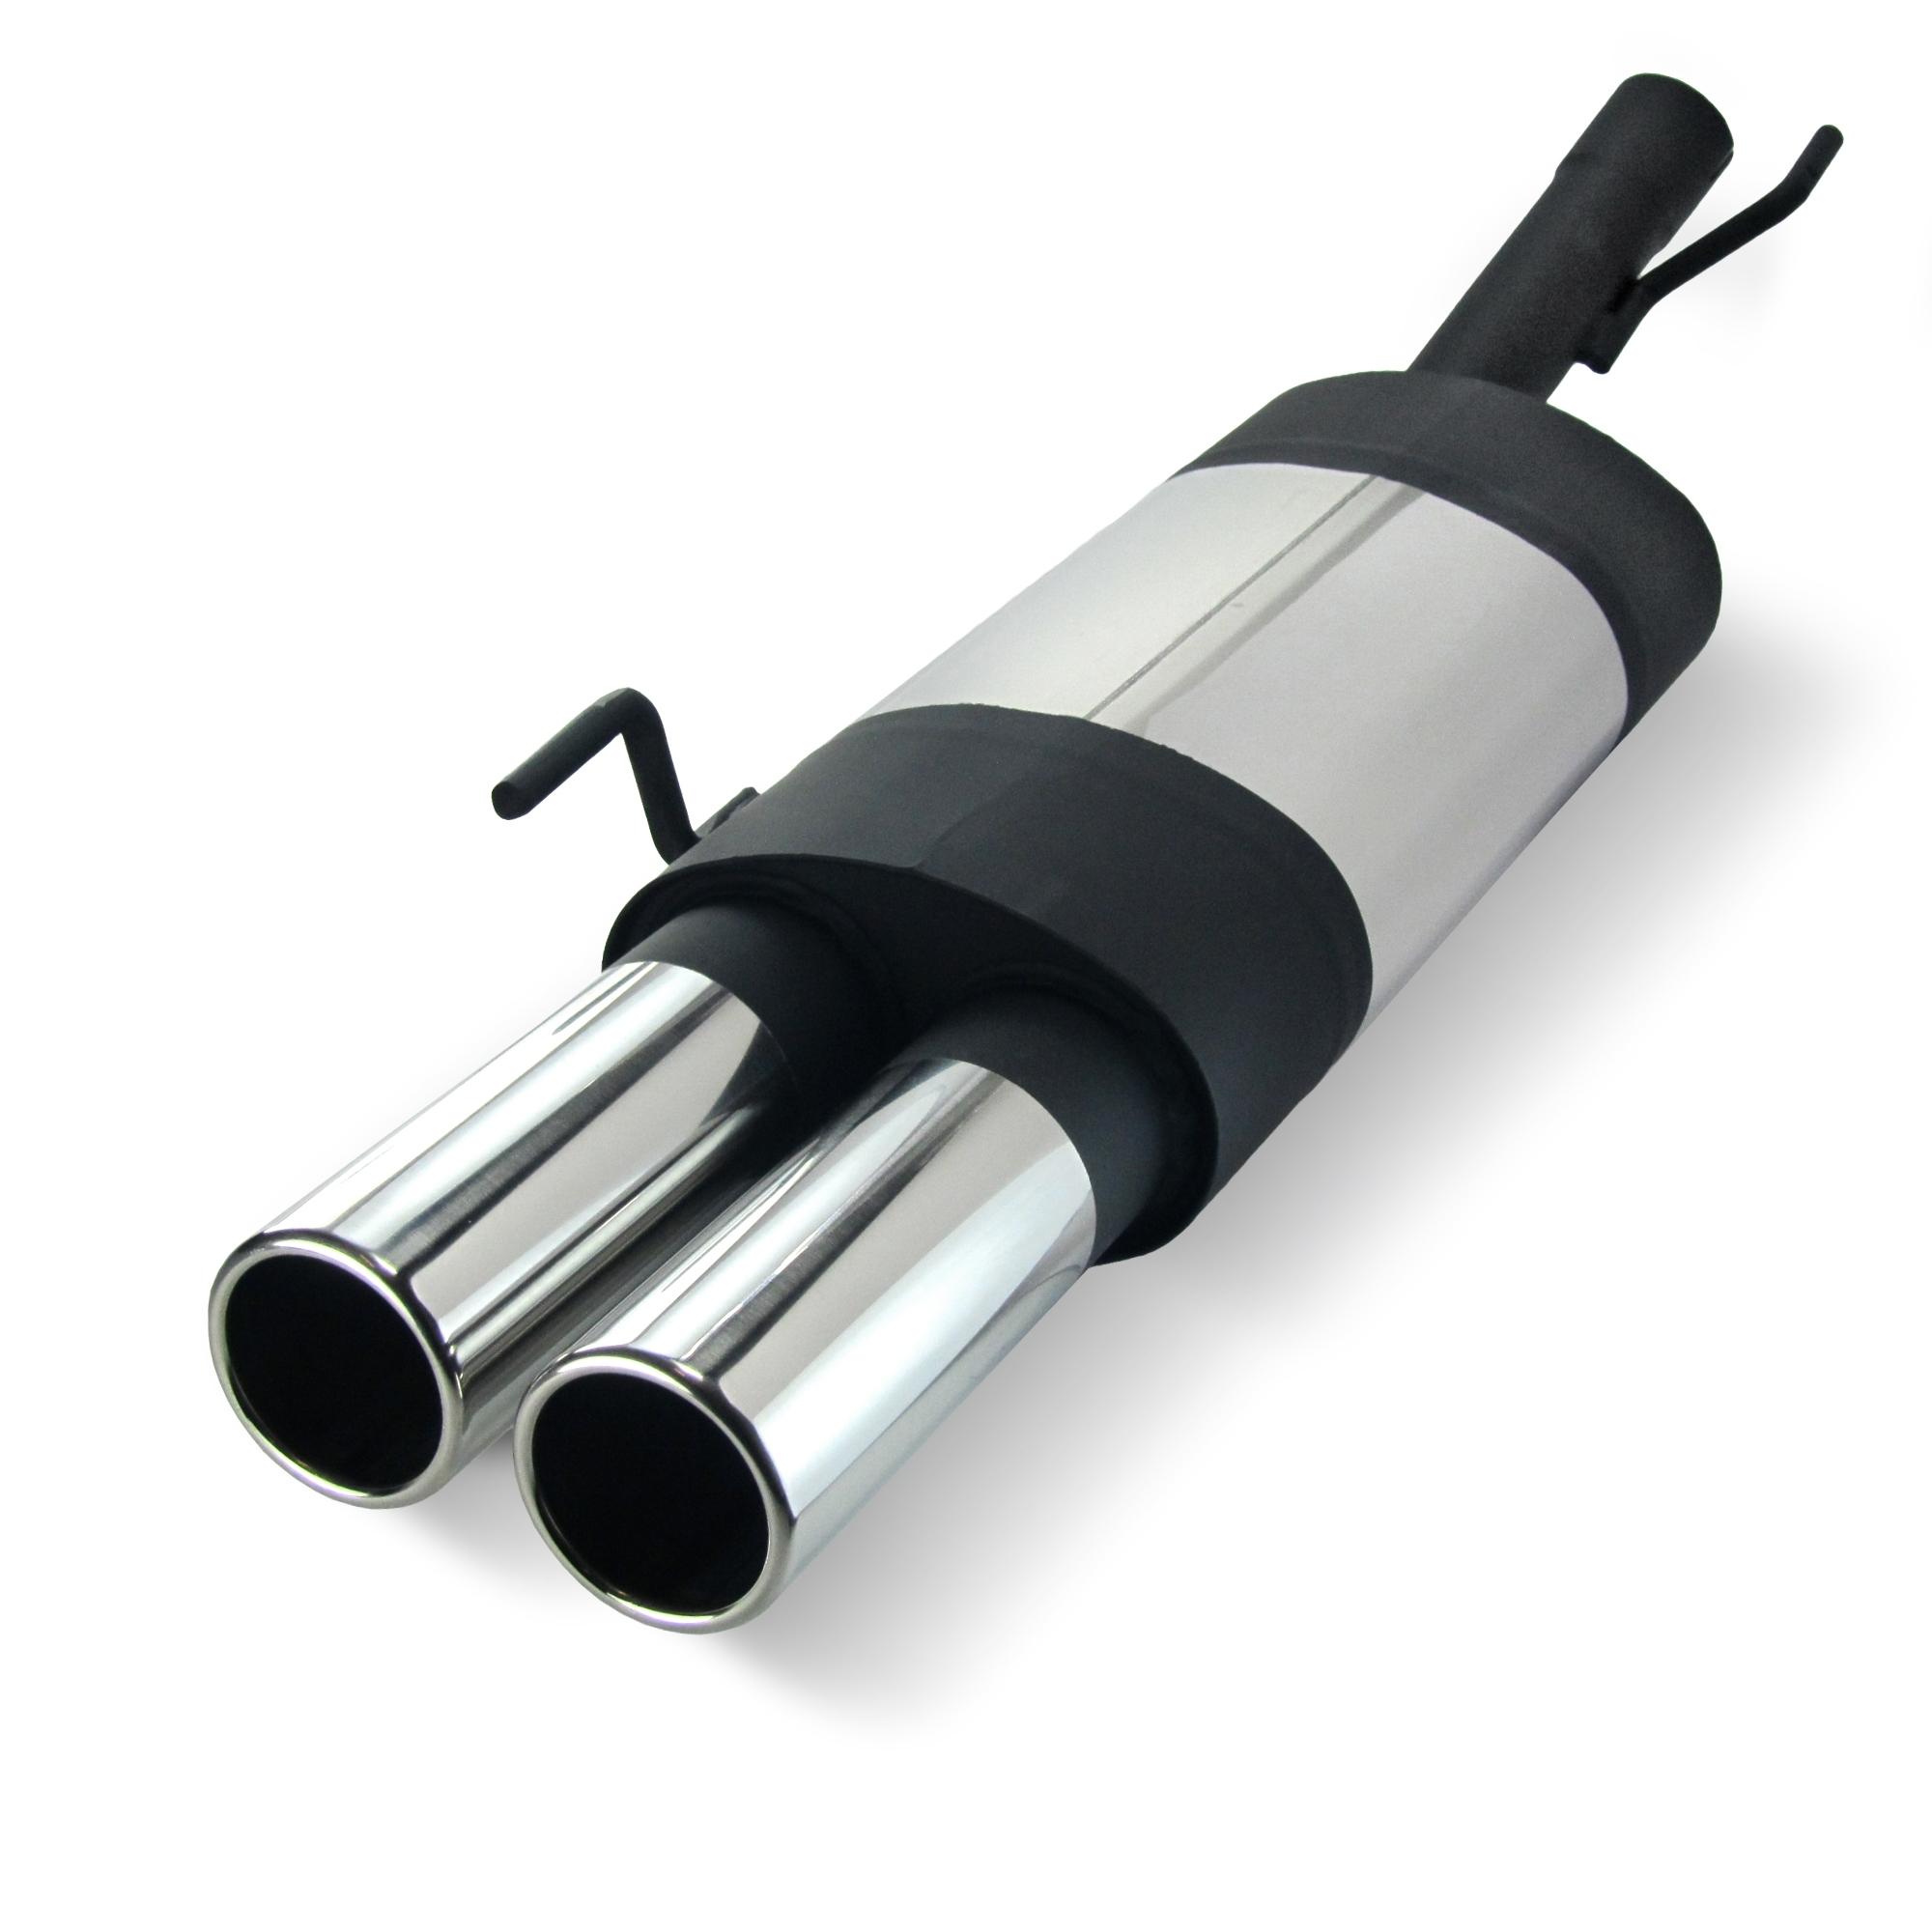 JOM Bagpotte rustfri stål med 2x76 mm lige afgange. Til VW Golf 3 og Golf 4 Convertable Udvendig tilbehør > Udstødning